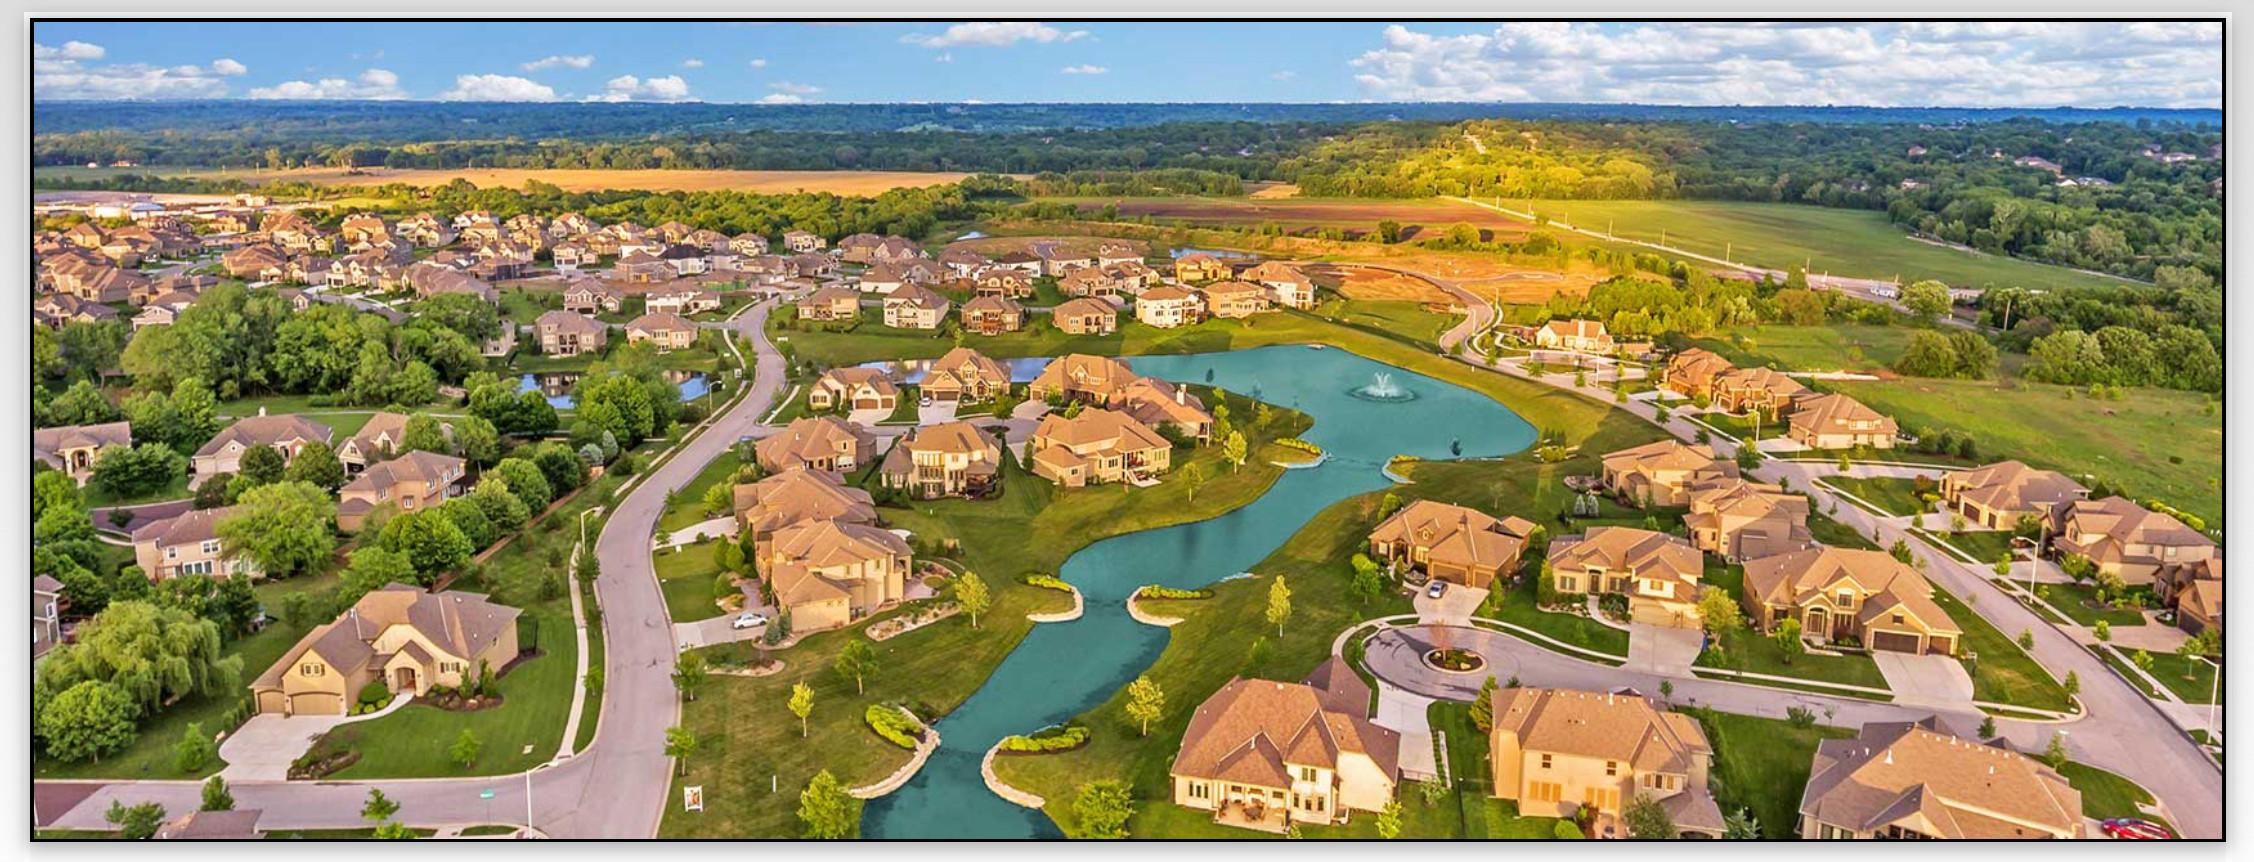 WatersEdge Lot 219 3807 W 158th Terrace OP, KS 66224 For Sale